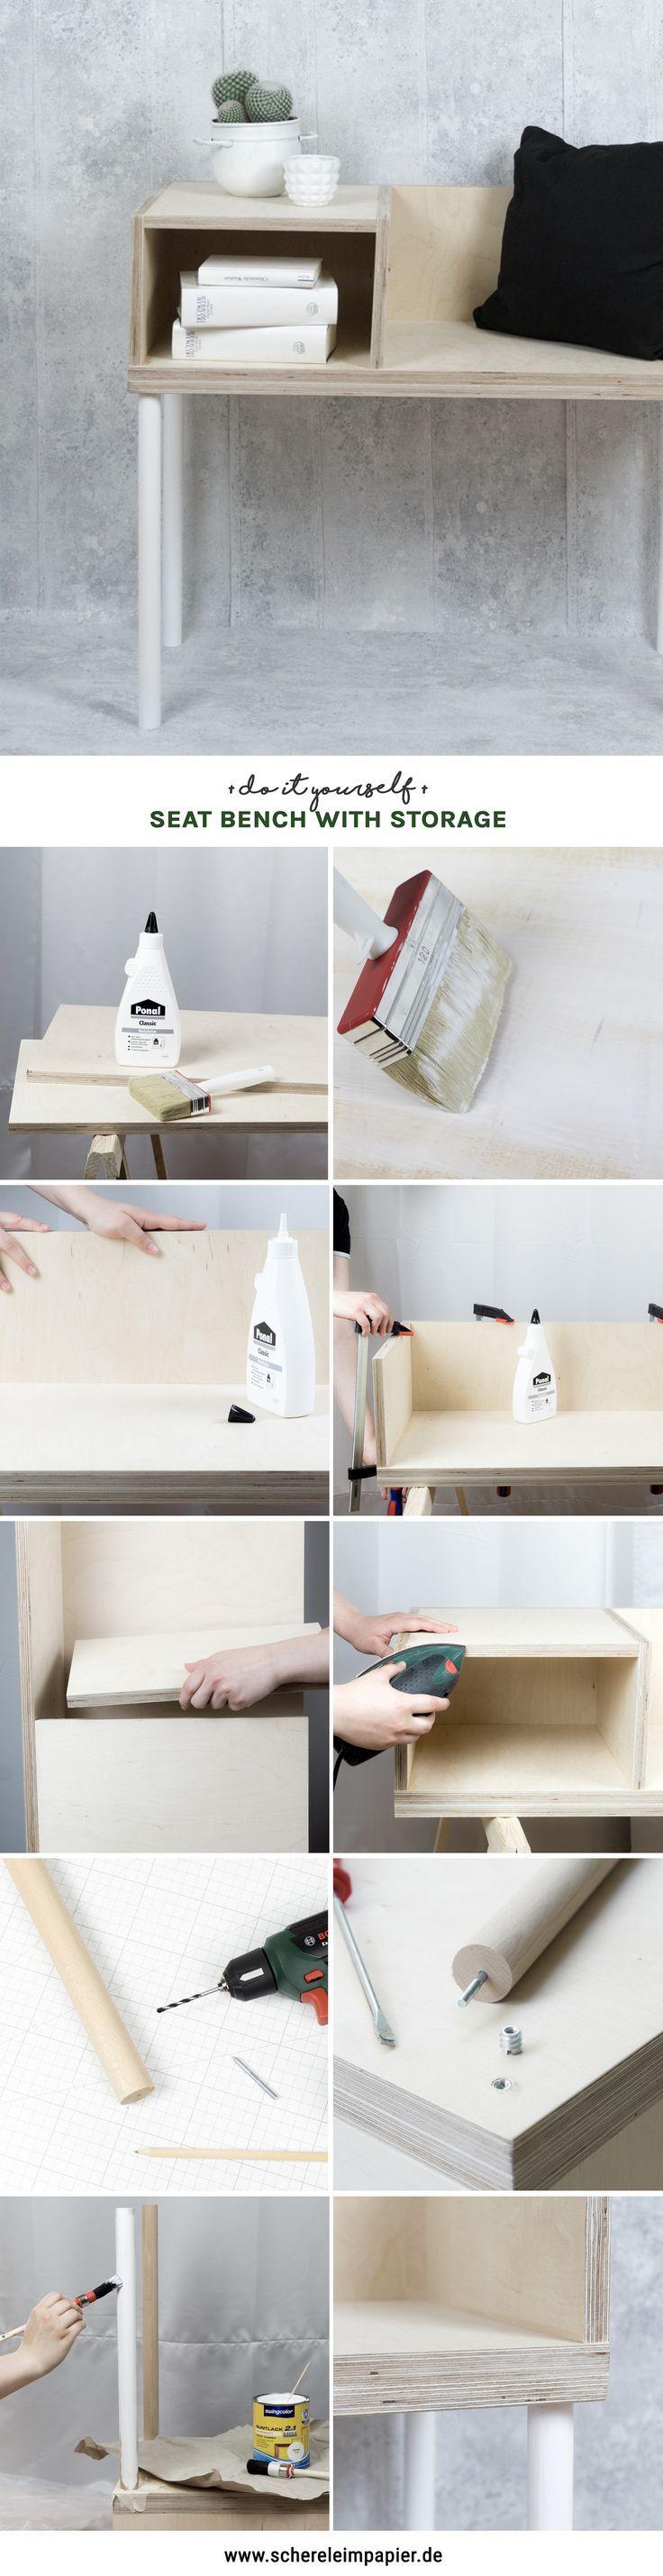 Küchenrollenhalter Holz Selber Bauen: Folienspender Caf